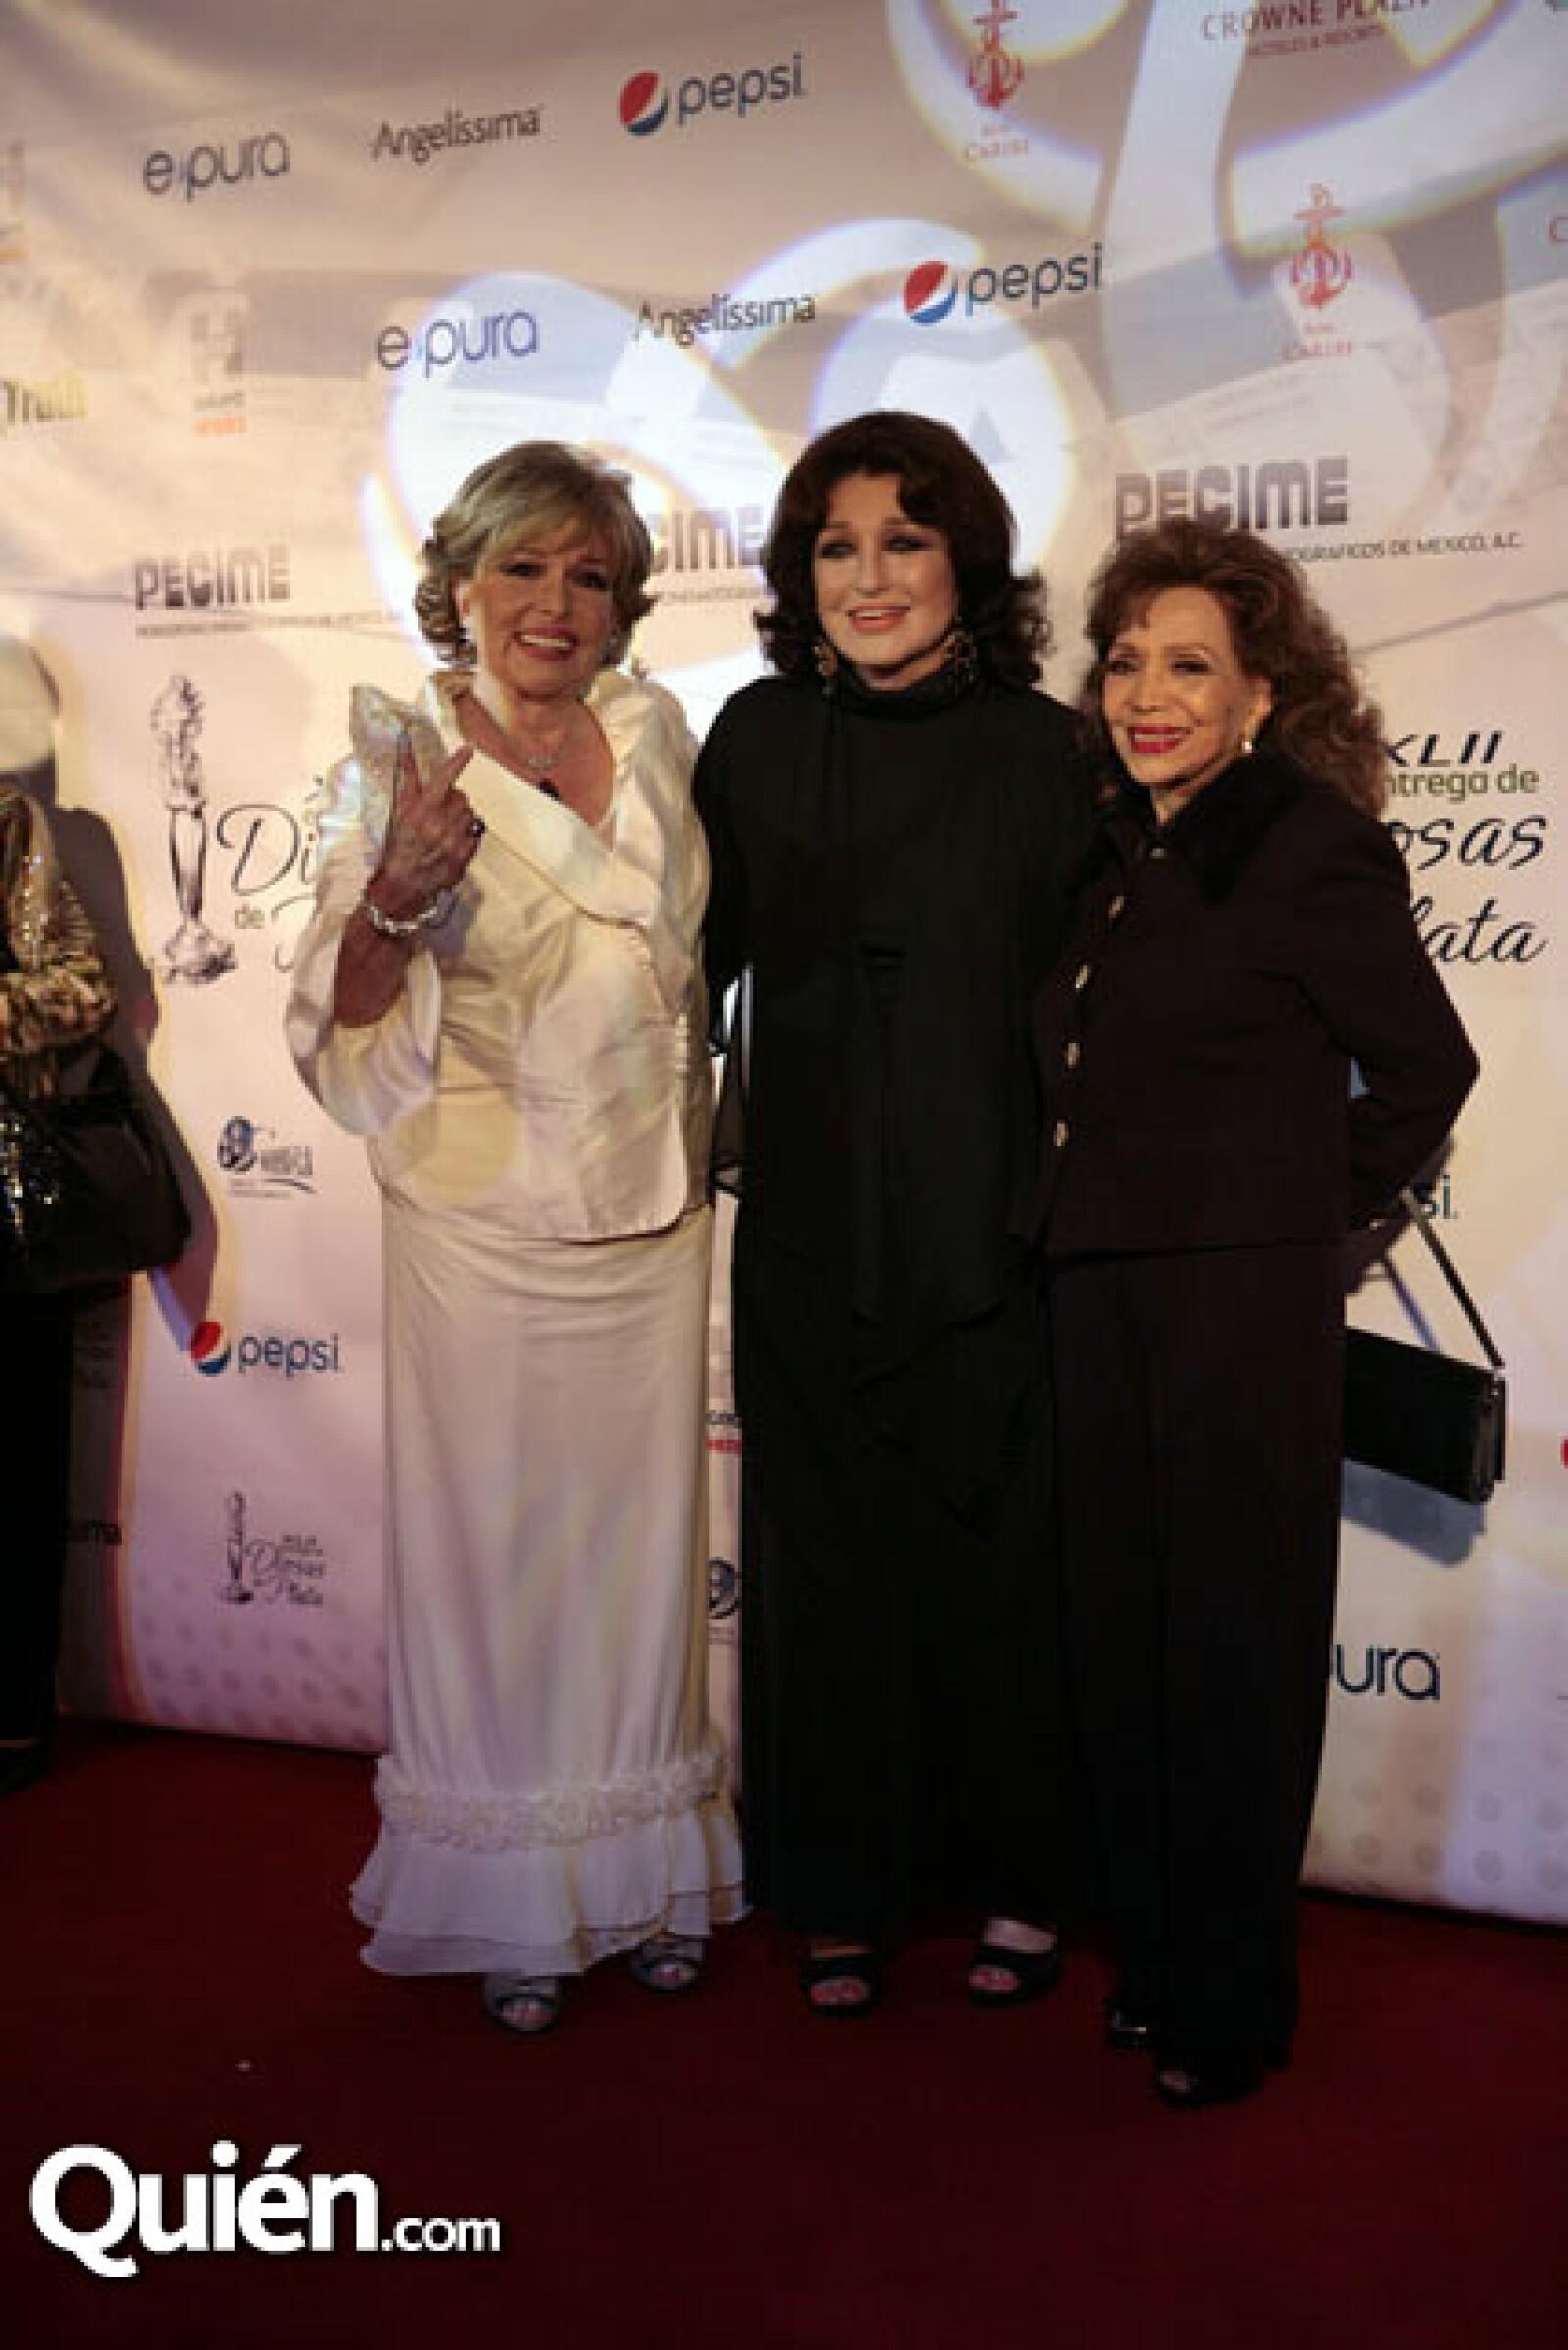 Luz María Aguilar,María Victoria,Angelica María